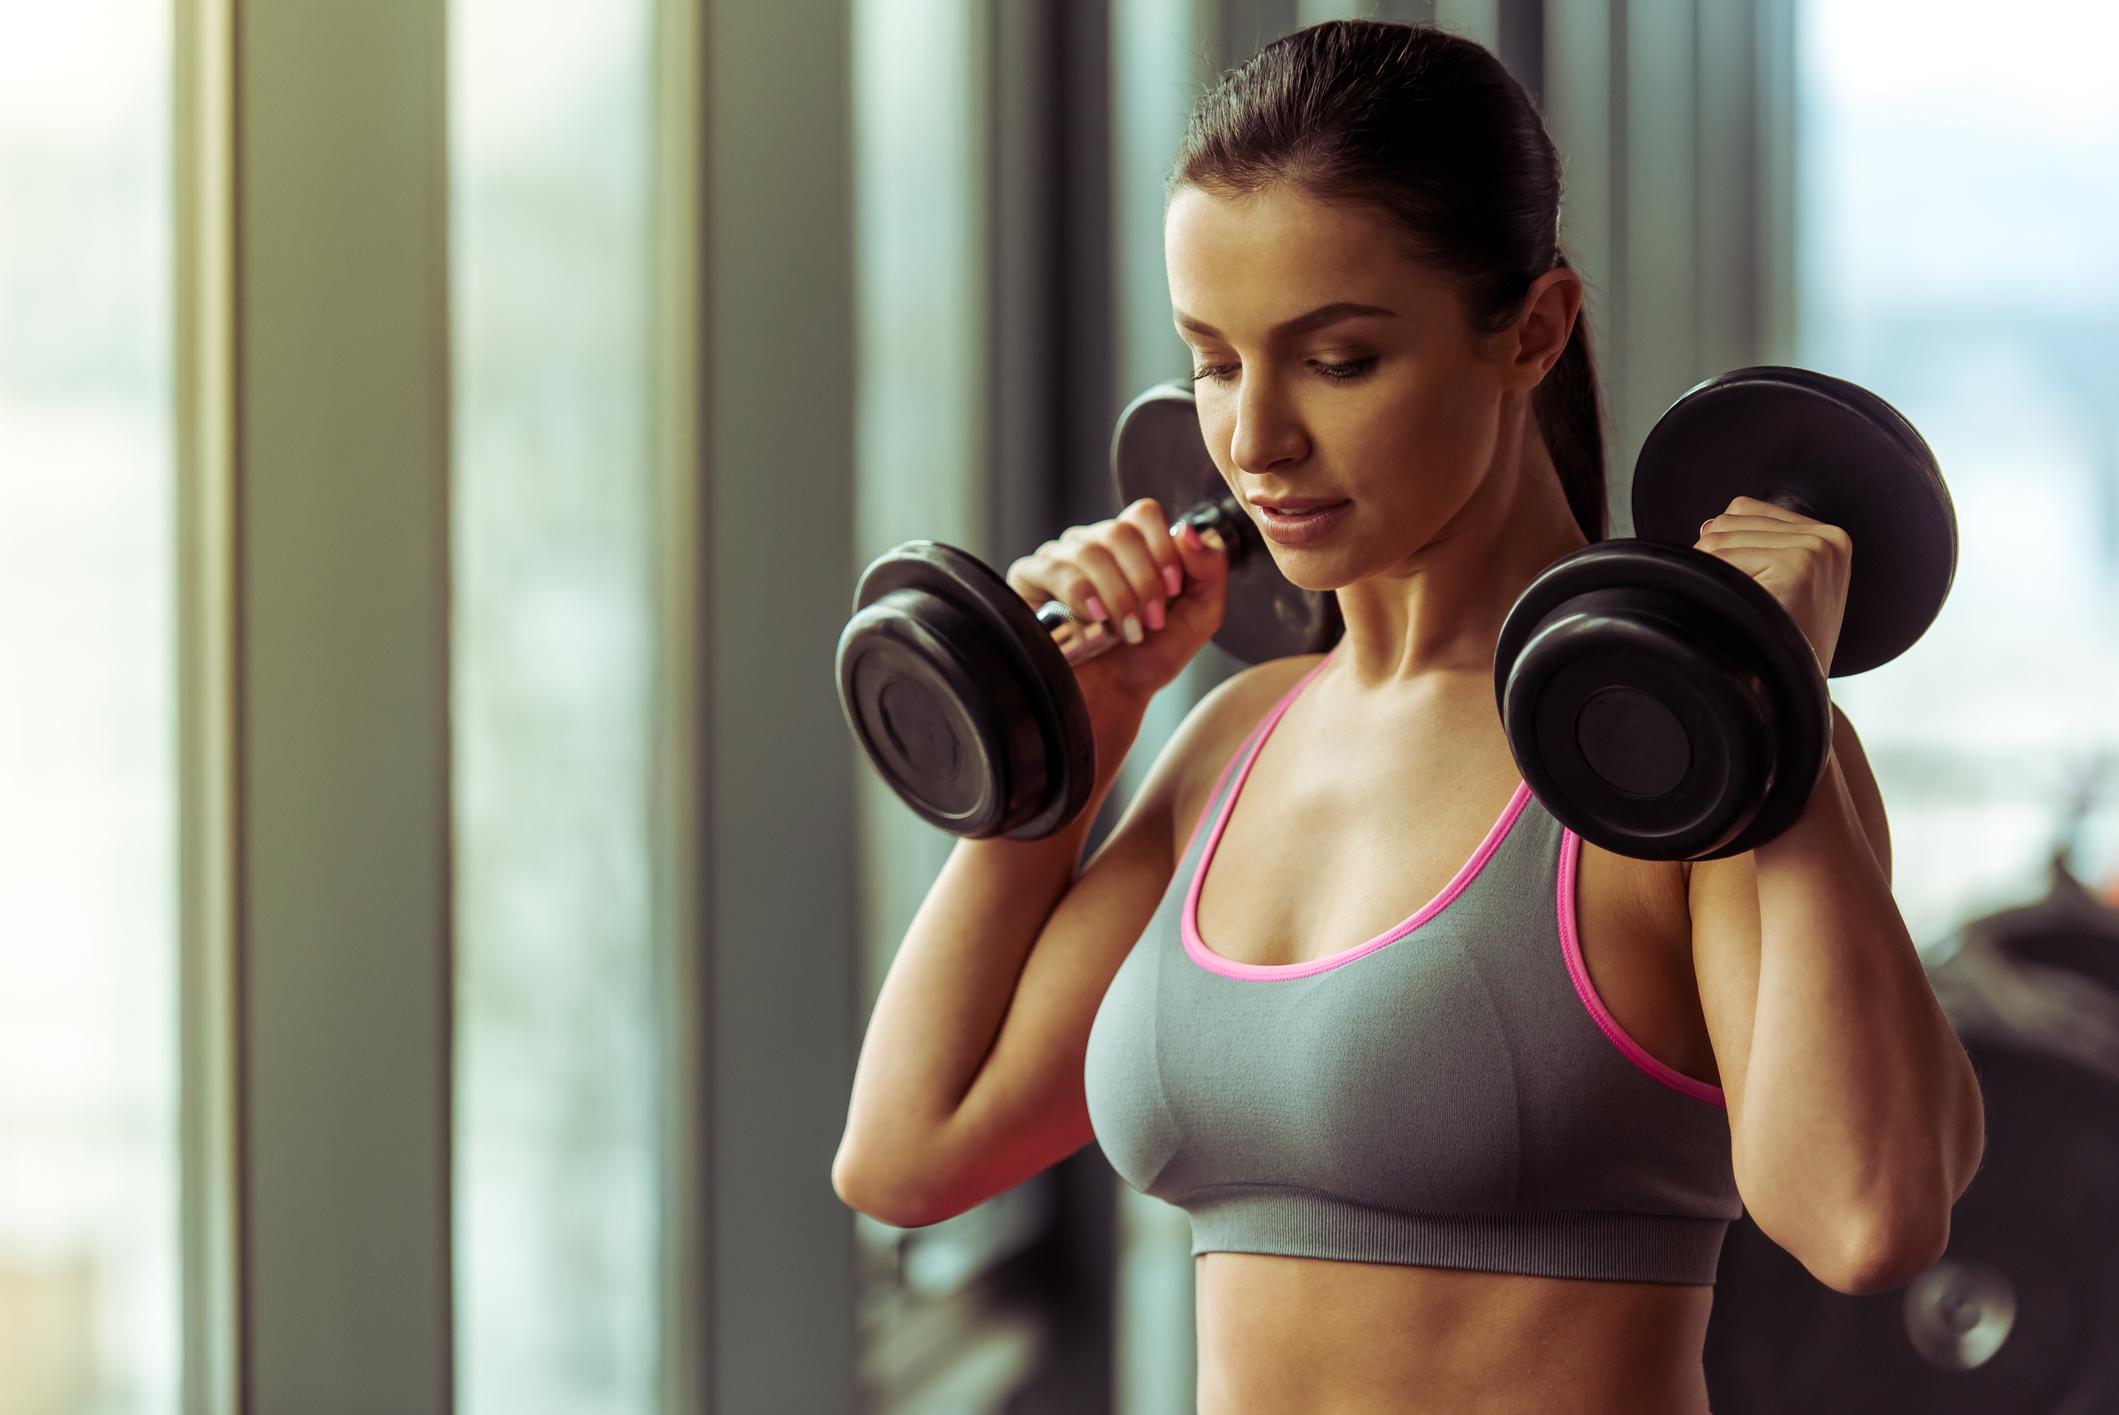 Супер вправи на прокачування грудних м'язів в домашніх умовах